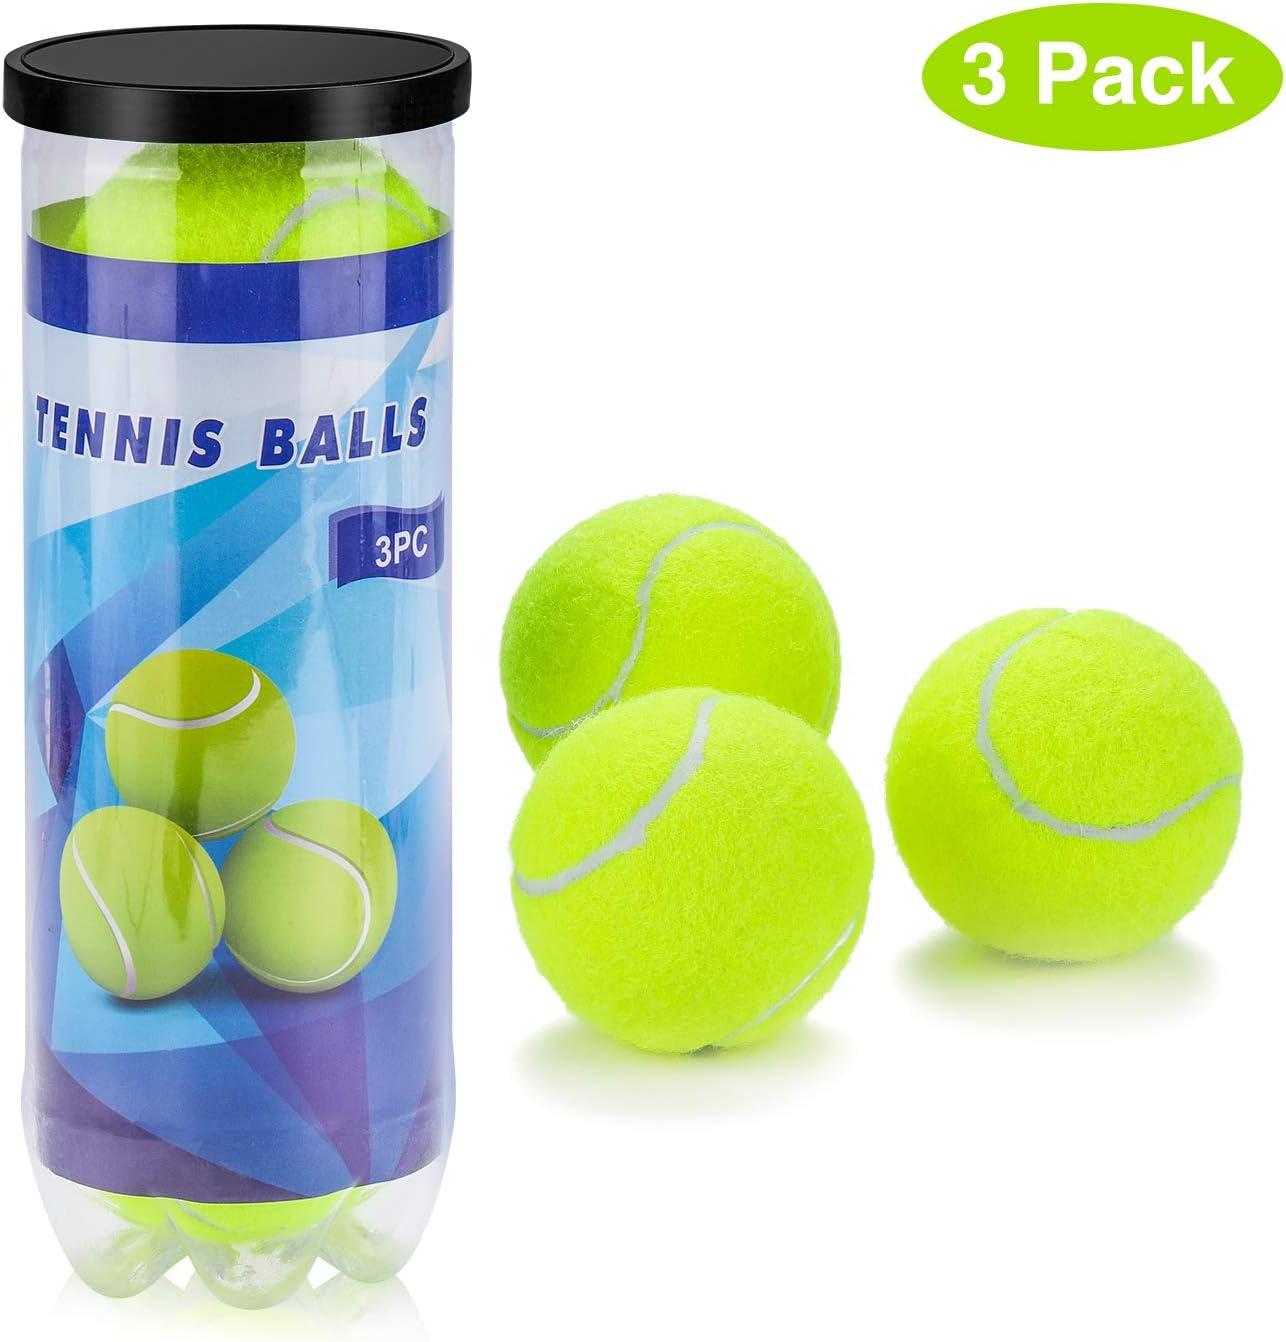 Philonext Pelotas de Tenis, 3 Unidades Set de Pelotas de Tenis Duras, para Juegos en Todas Las áreas, para un Uso Constante Aprende aJugar Al Tenis y al Ejercicio, Tenistas: Amazon.es: Deportes